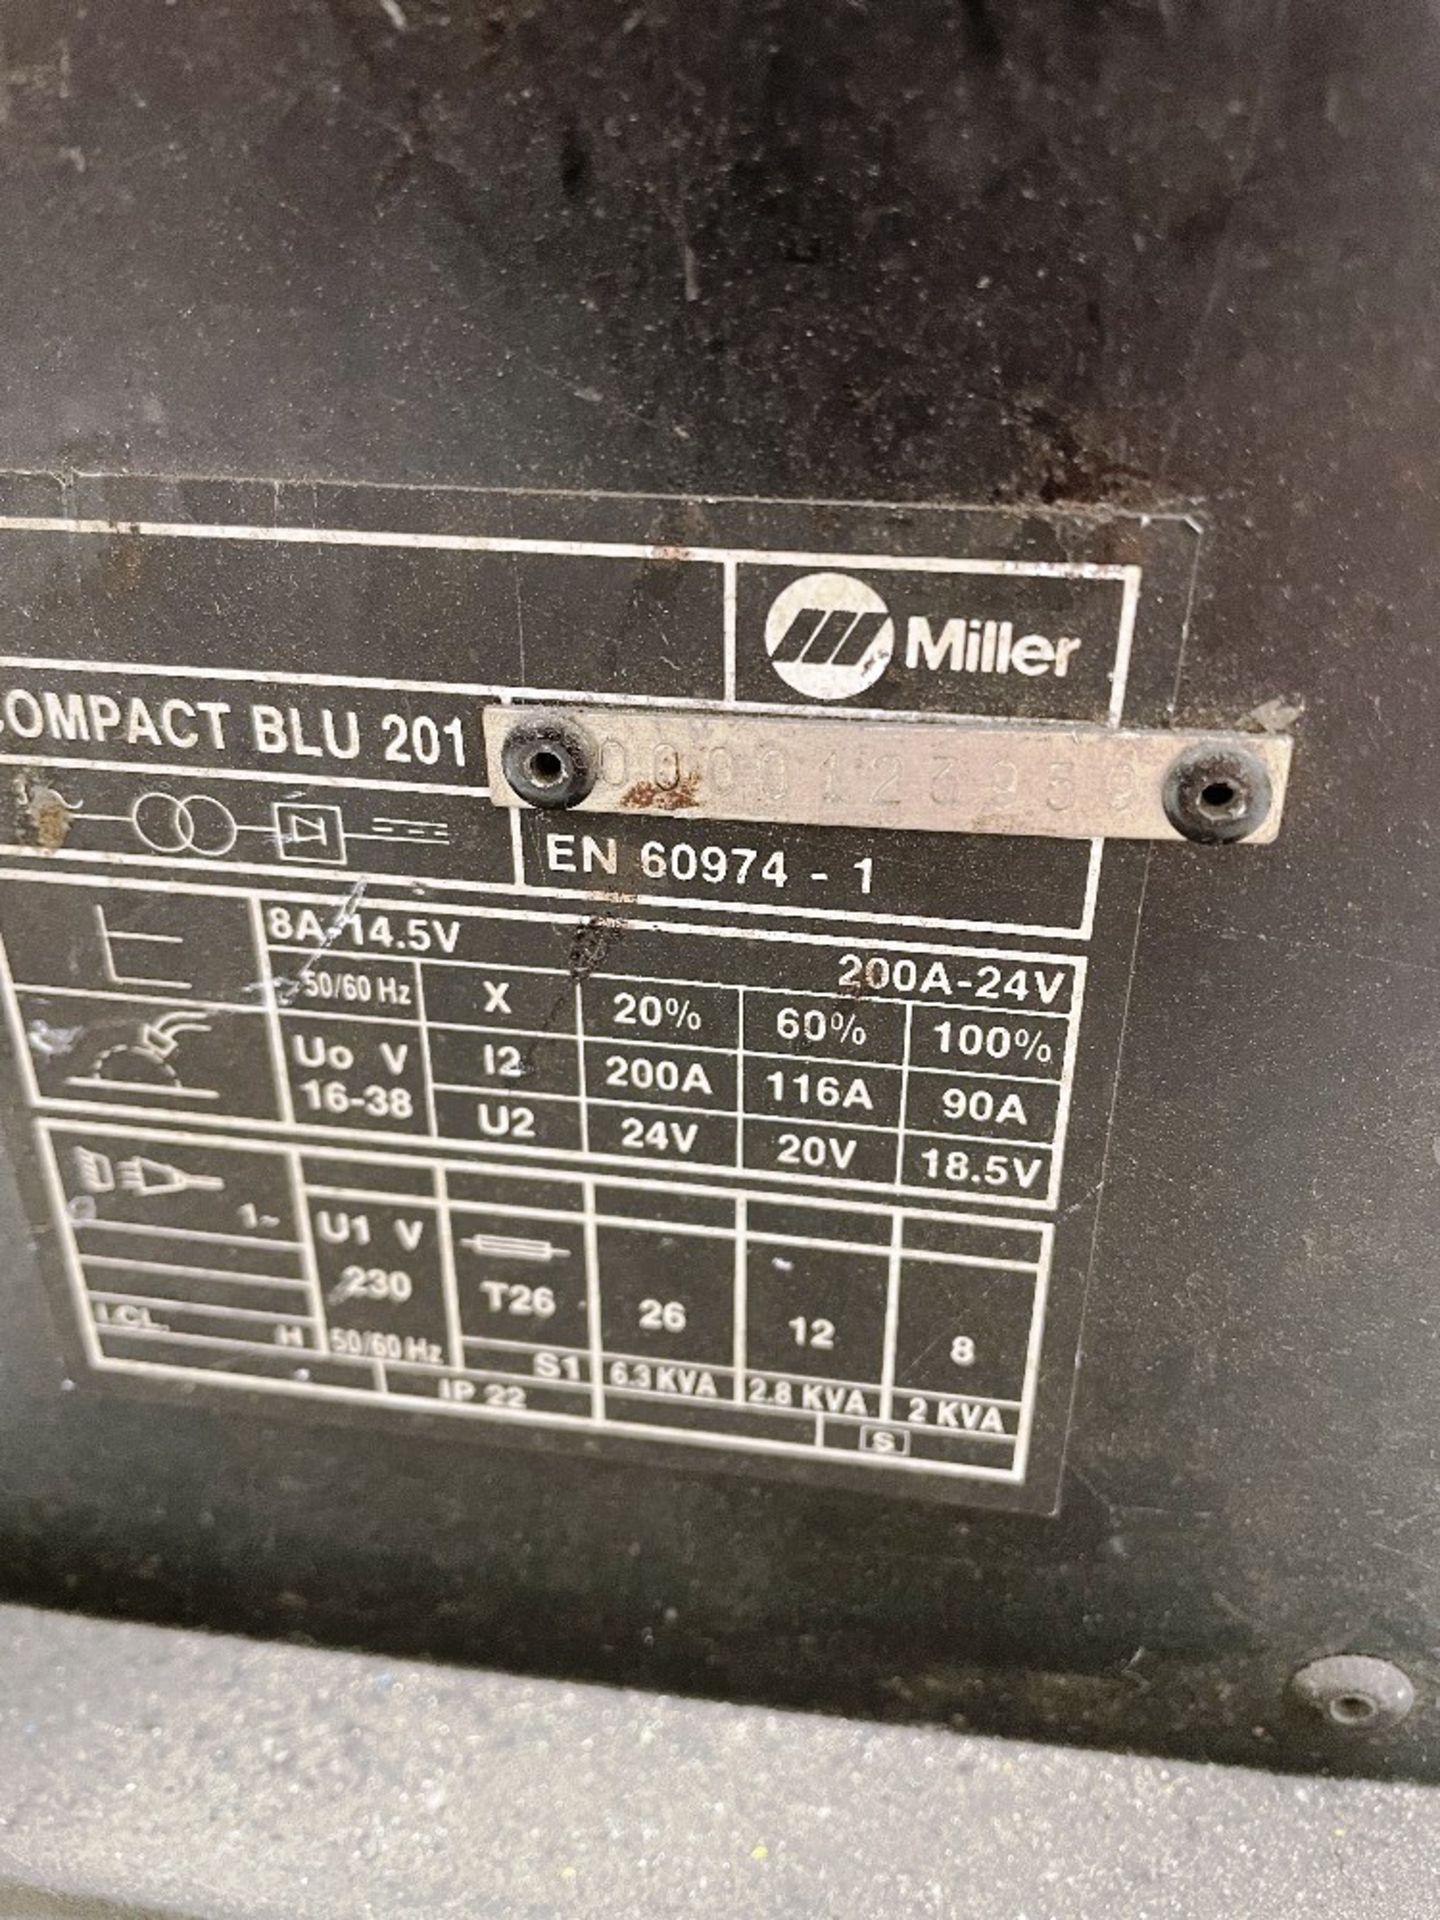 Miller Compact Blu 201 Mig Welder - Image 3 of 3